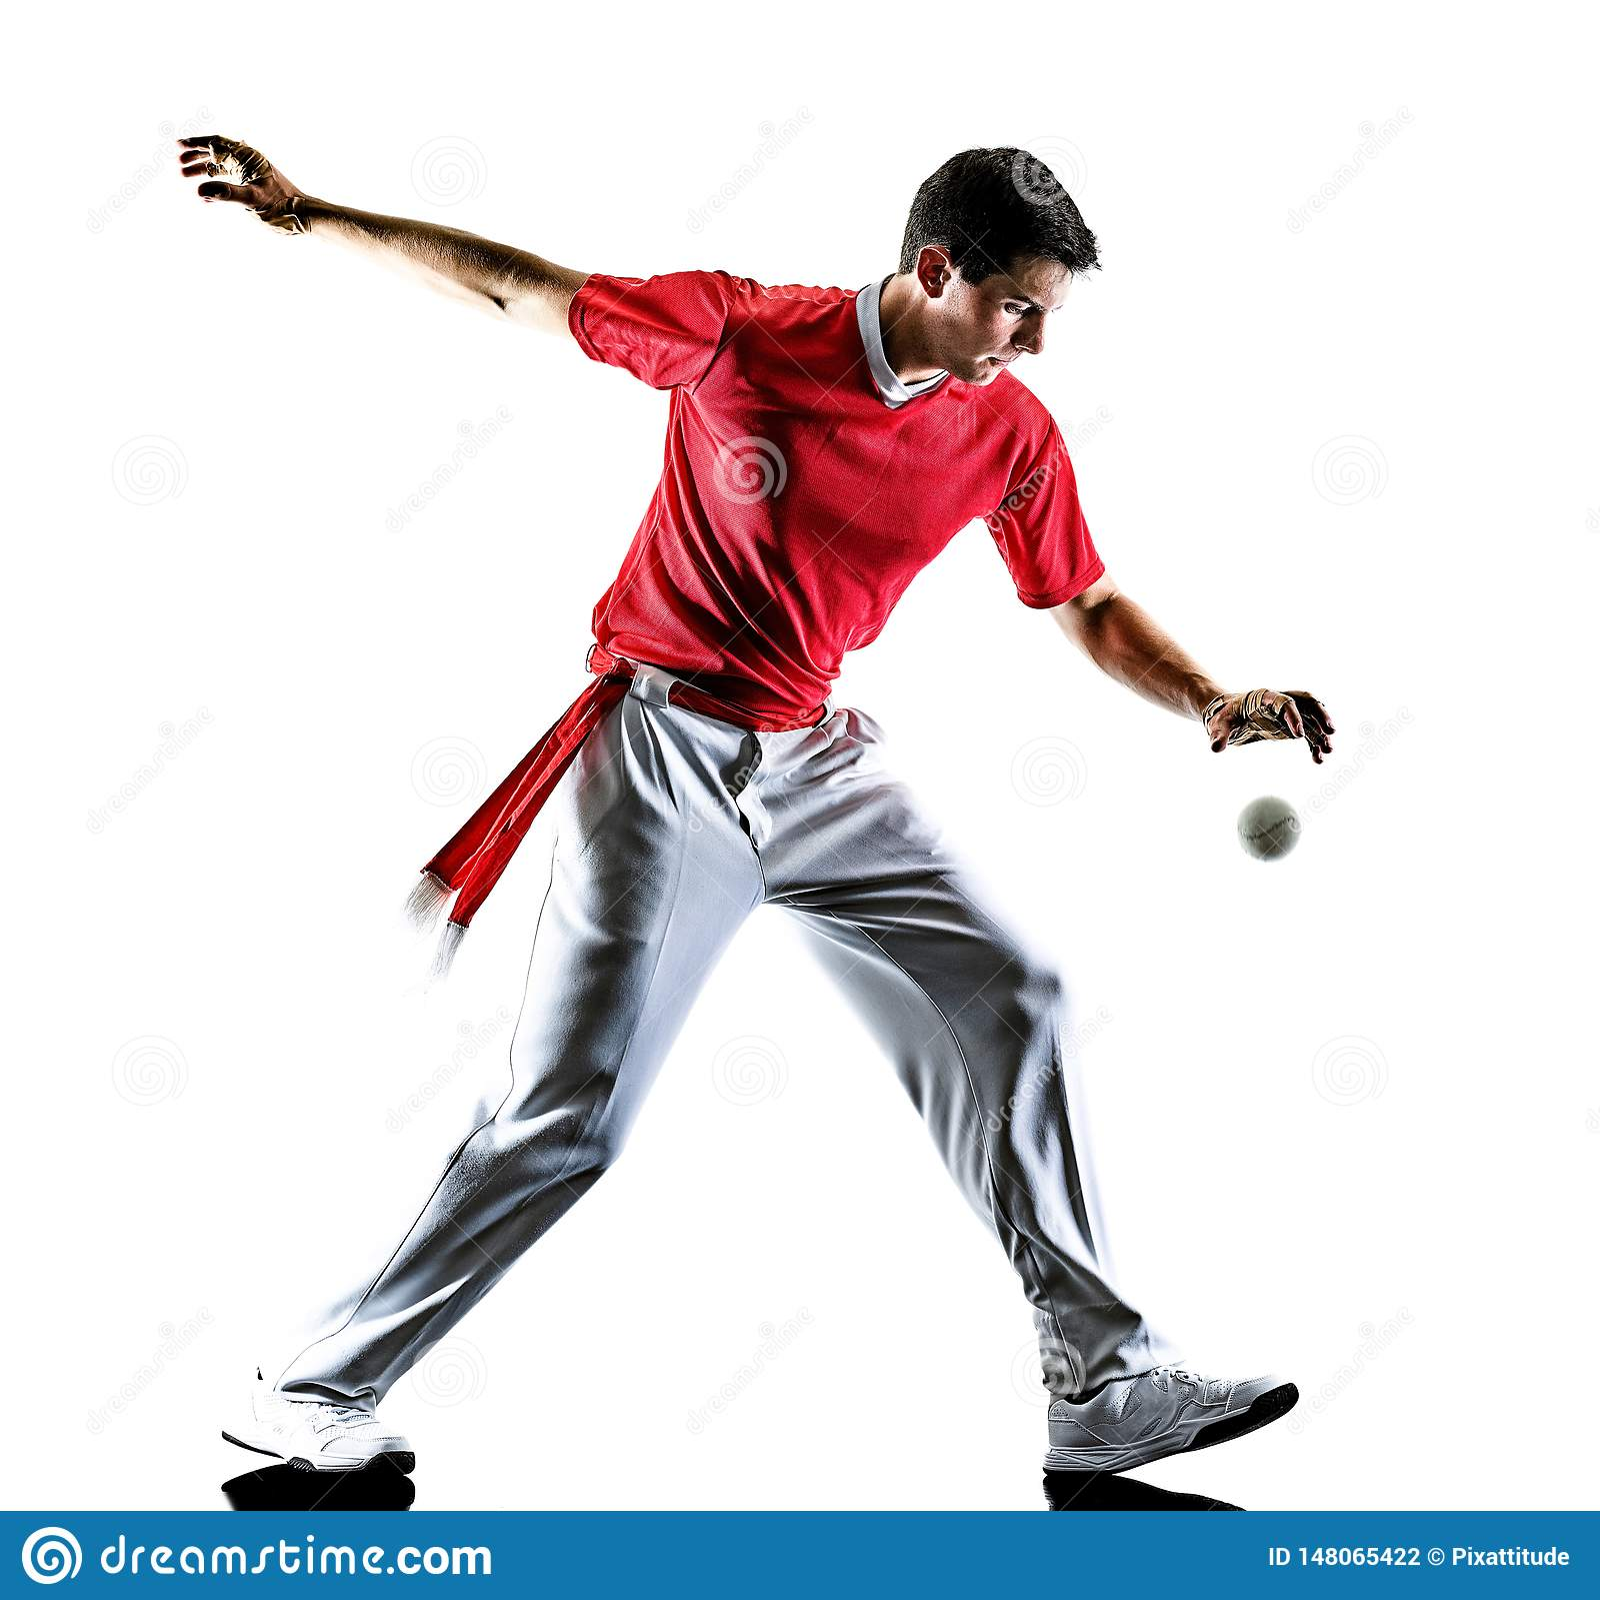 Jai Alai pelota nCesta Punta gracza Baskijski mężczyzna odizolowywał sylwetkę